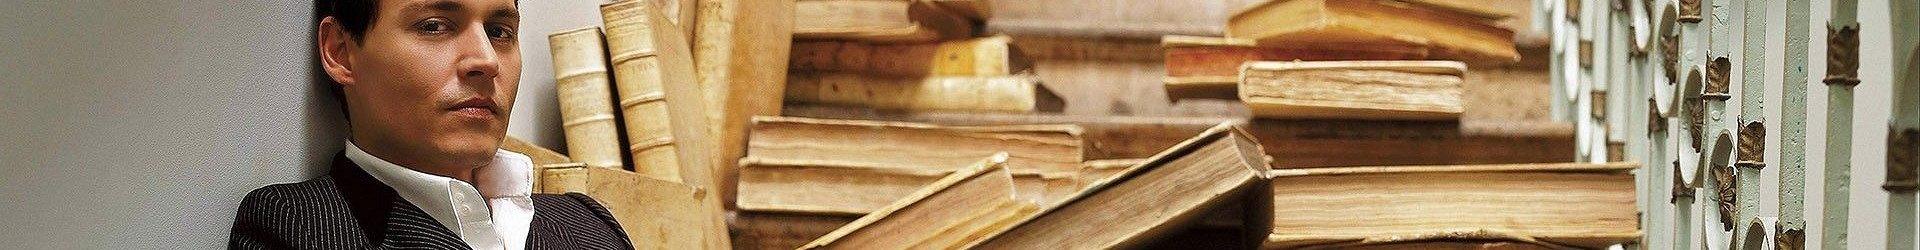 5 книг, которые полезней диплома MBA